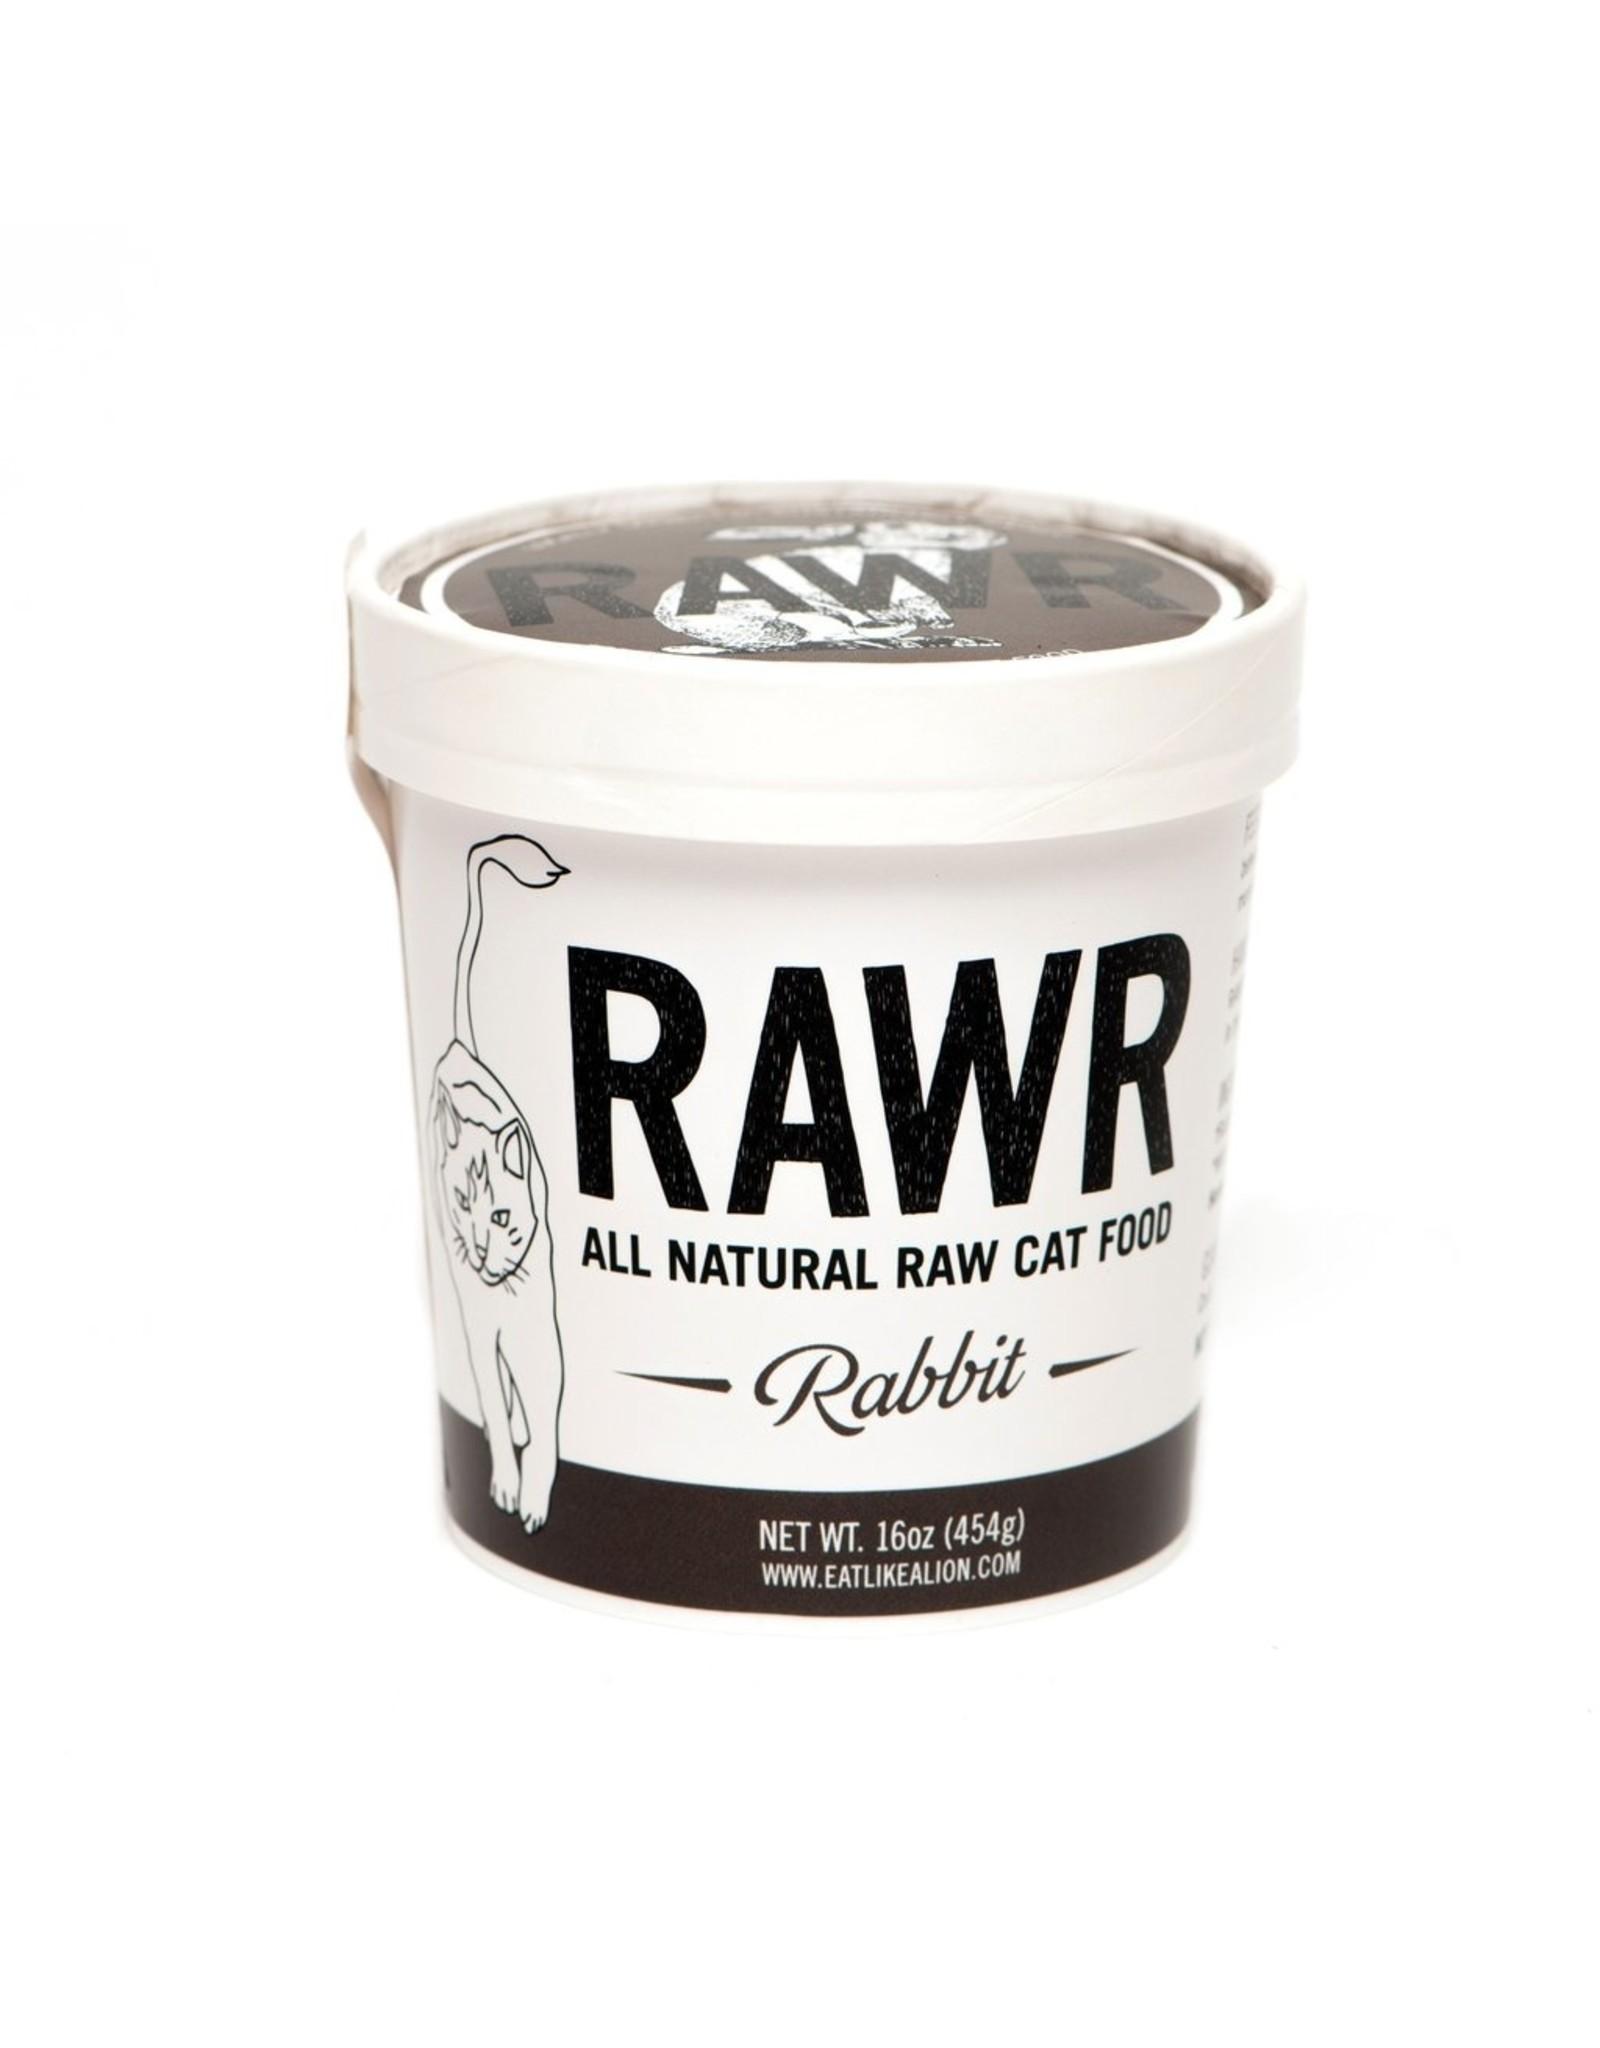 Rawr RAWR RAW FROZEN RABBIT CAT FOOD